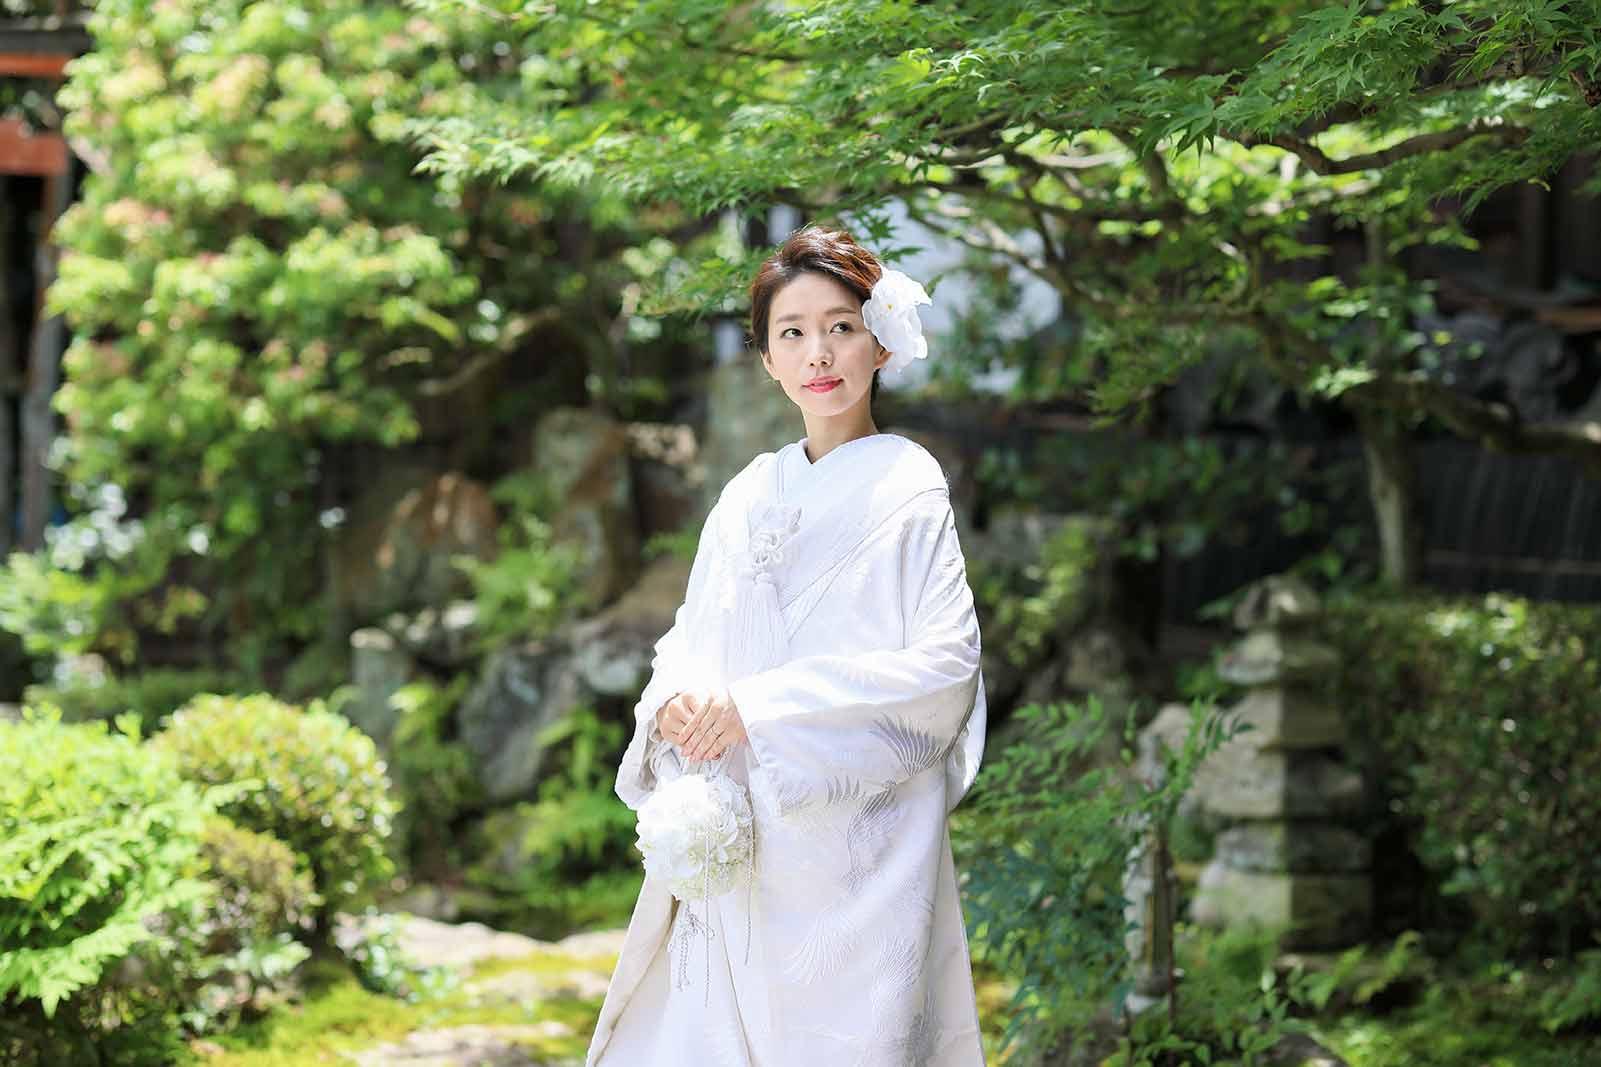 夏の新緑の和装白無垢写真.jpg